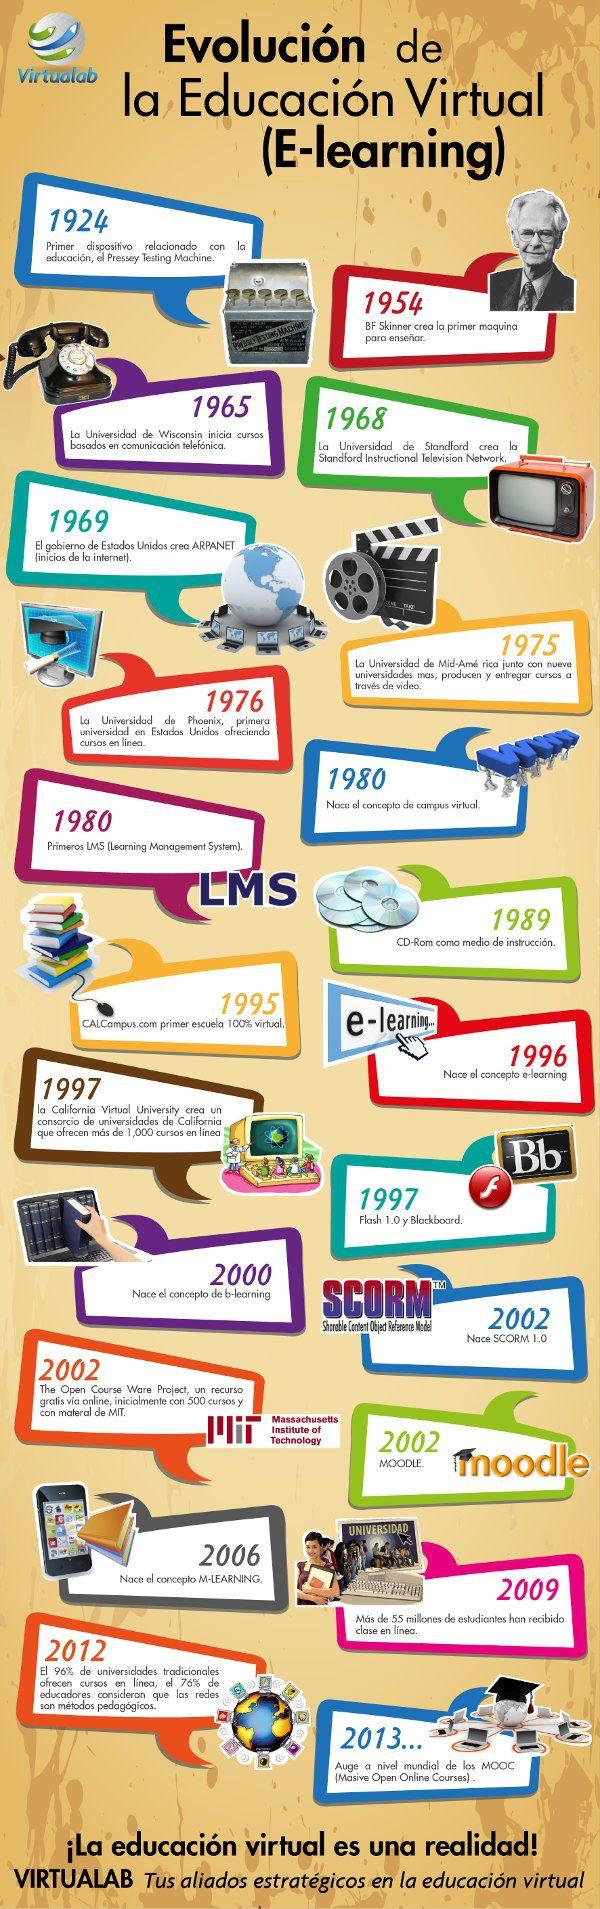 evolución de la educación virtual